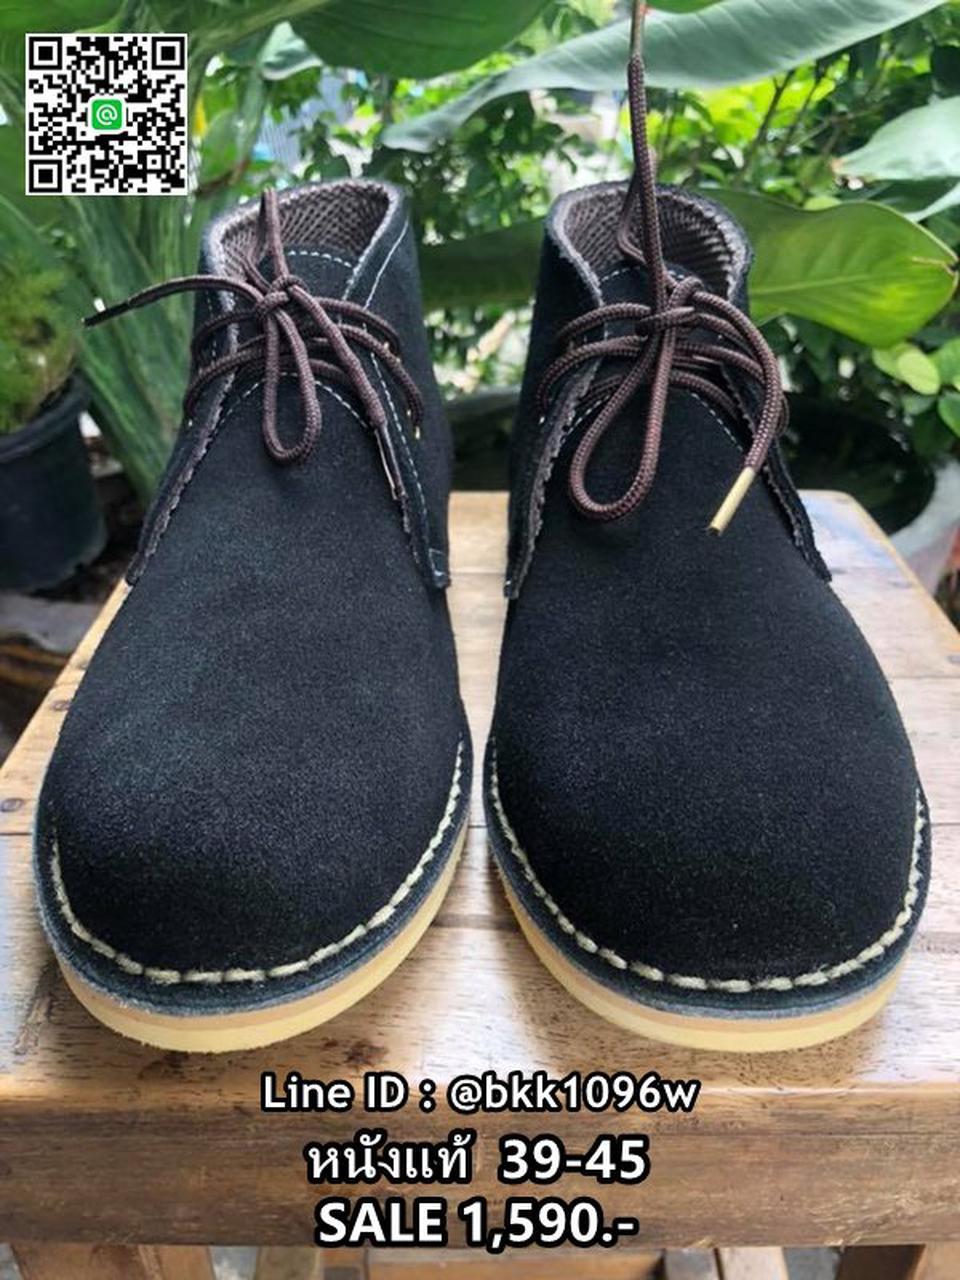 รองเท้าบูทหนังแท้ผู้ชาย สีดำ วัสดุหนังกลับแท้ มีเชือกผูก  รูปที่ 1